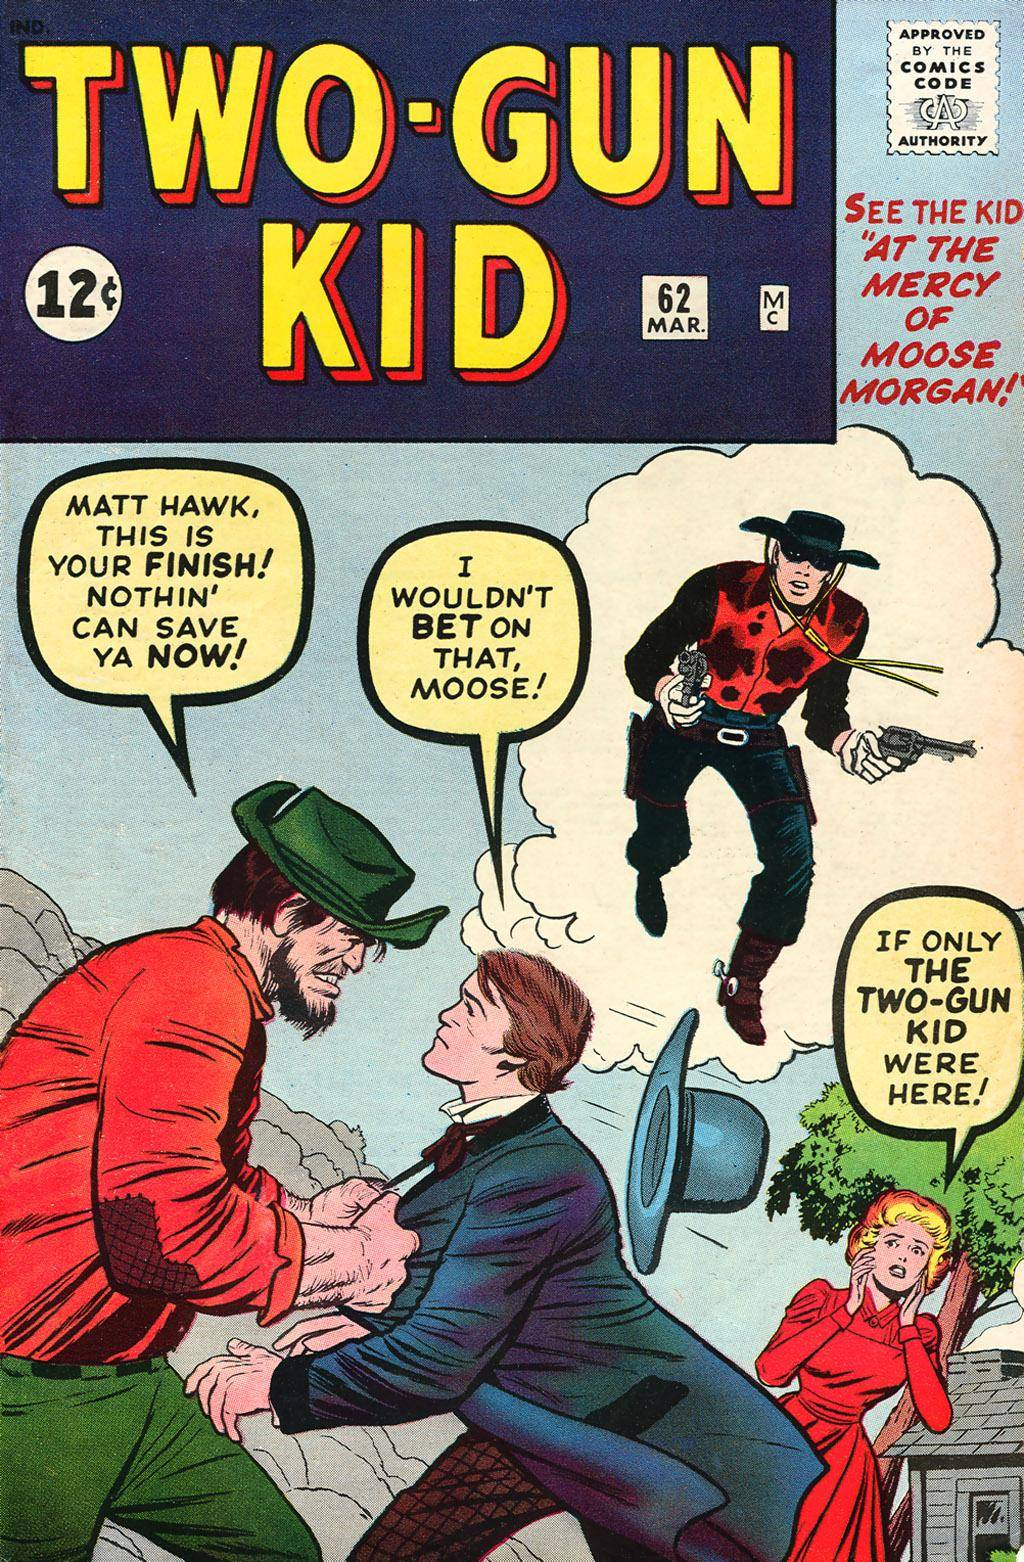 Two-Gun Kid 062